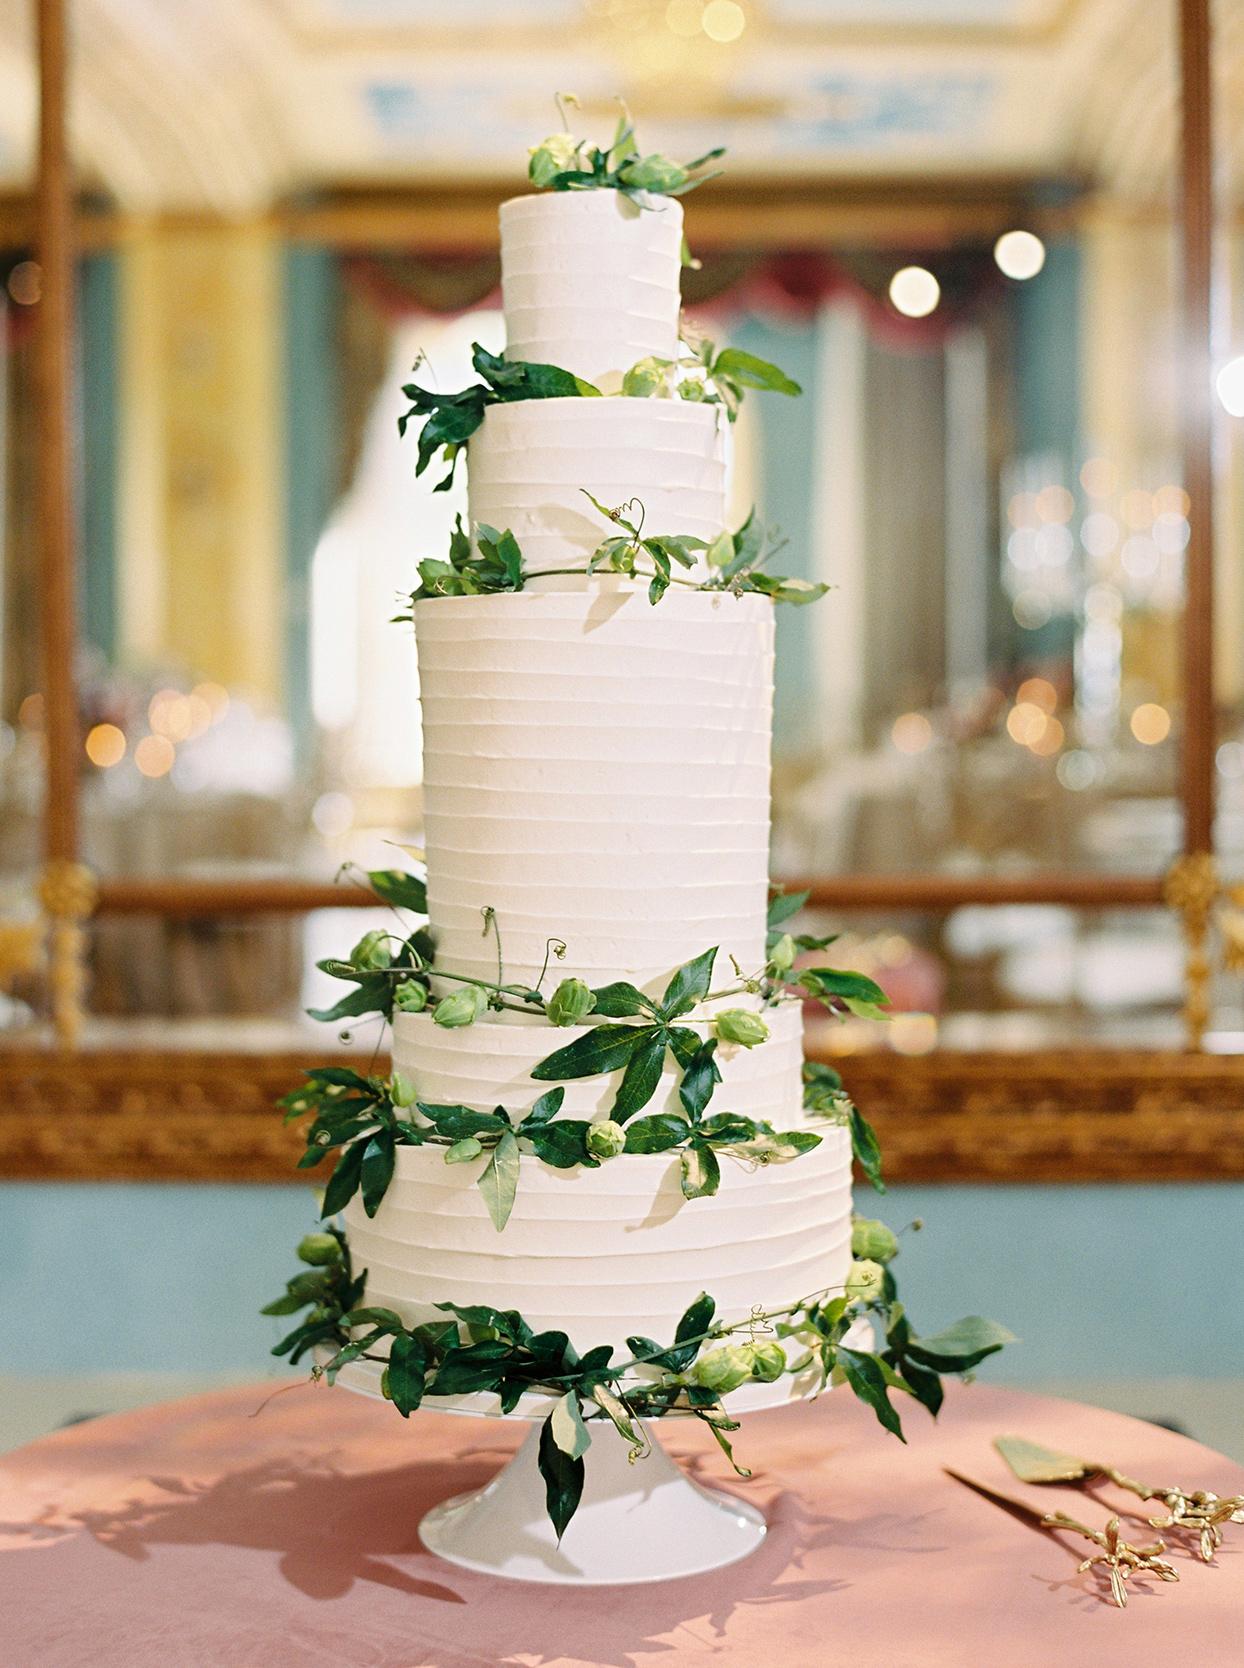 katie nicholas wedding cake with greenery